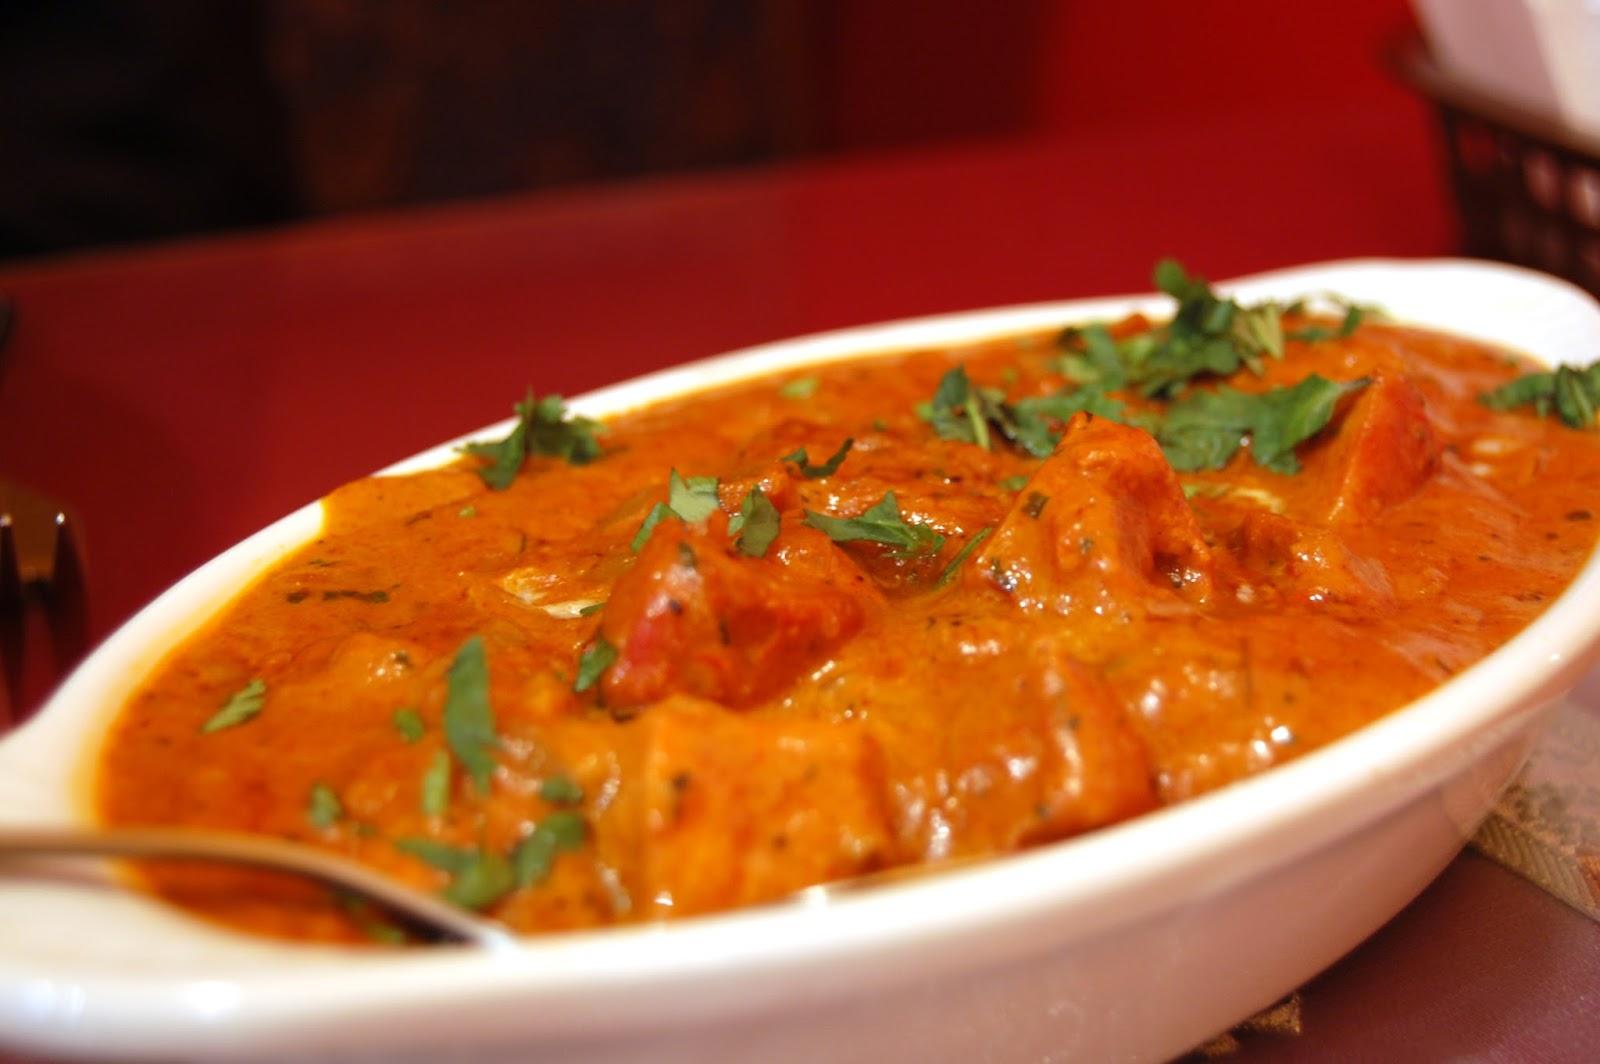 طريقة عمل الفراخ علي الطريقة الهندى بصوص الزبدة و الكريمة.